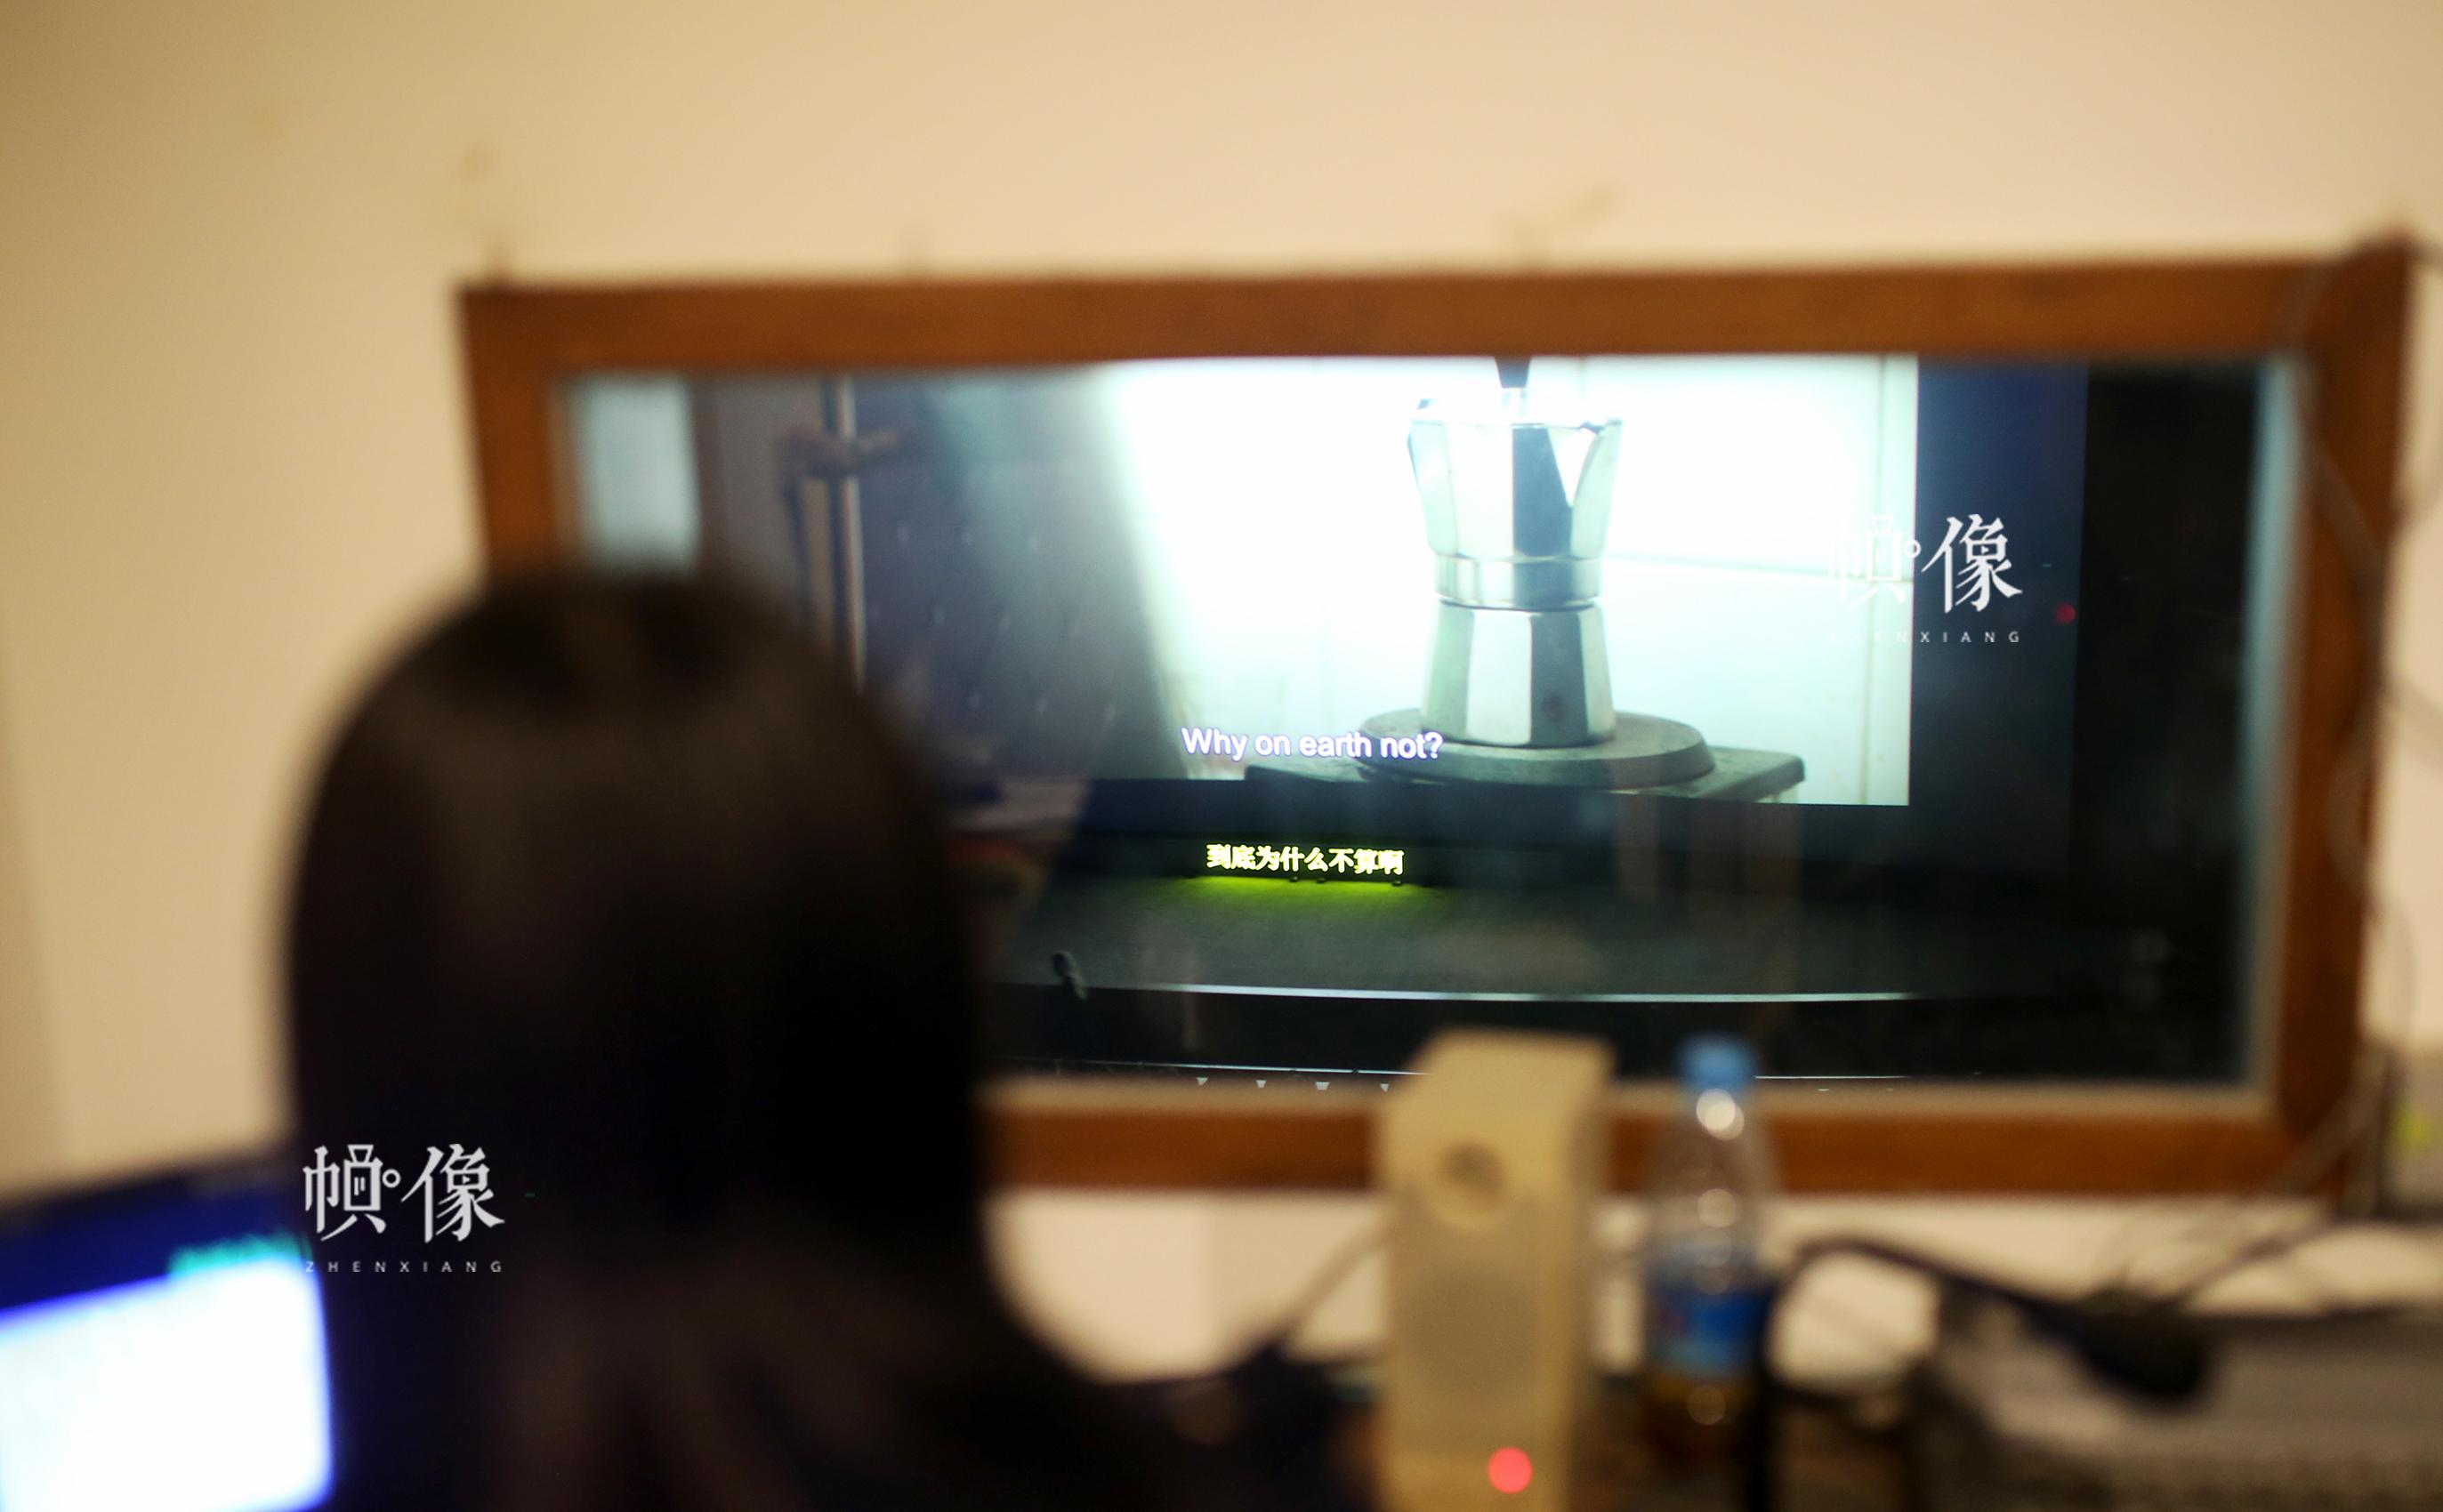 周立烨透过身侧的玻璃看着电影银幕,为电影加中文字幕。中国网记者 焦源源 摄